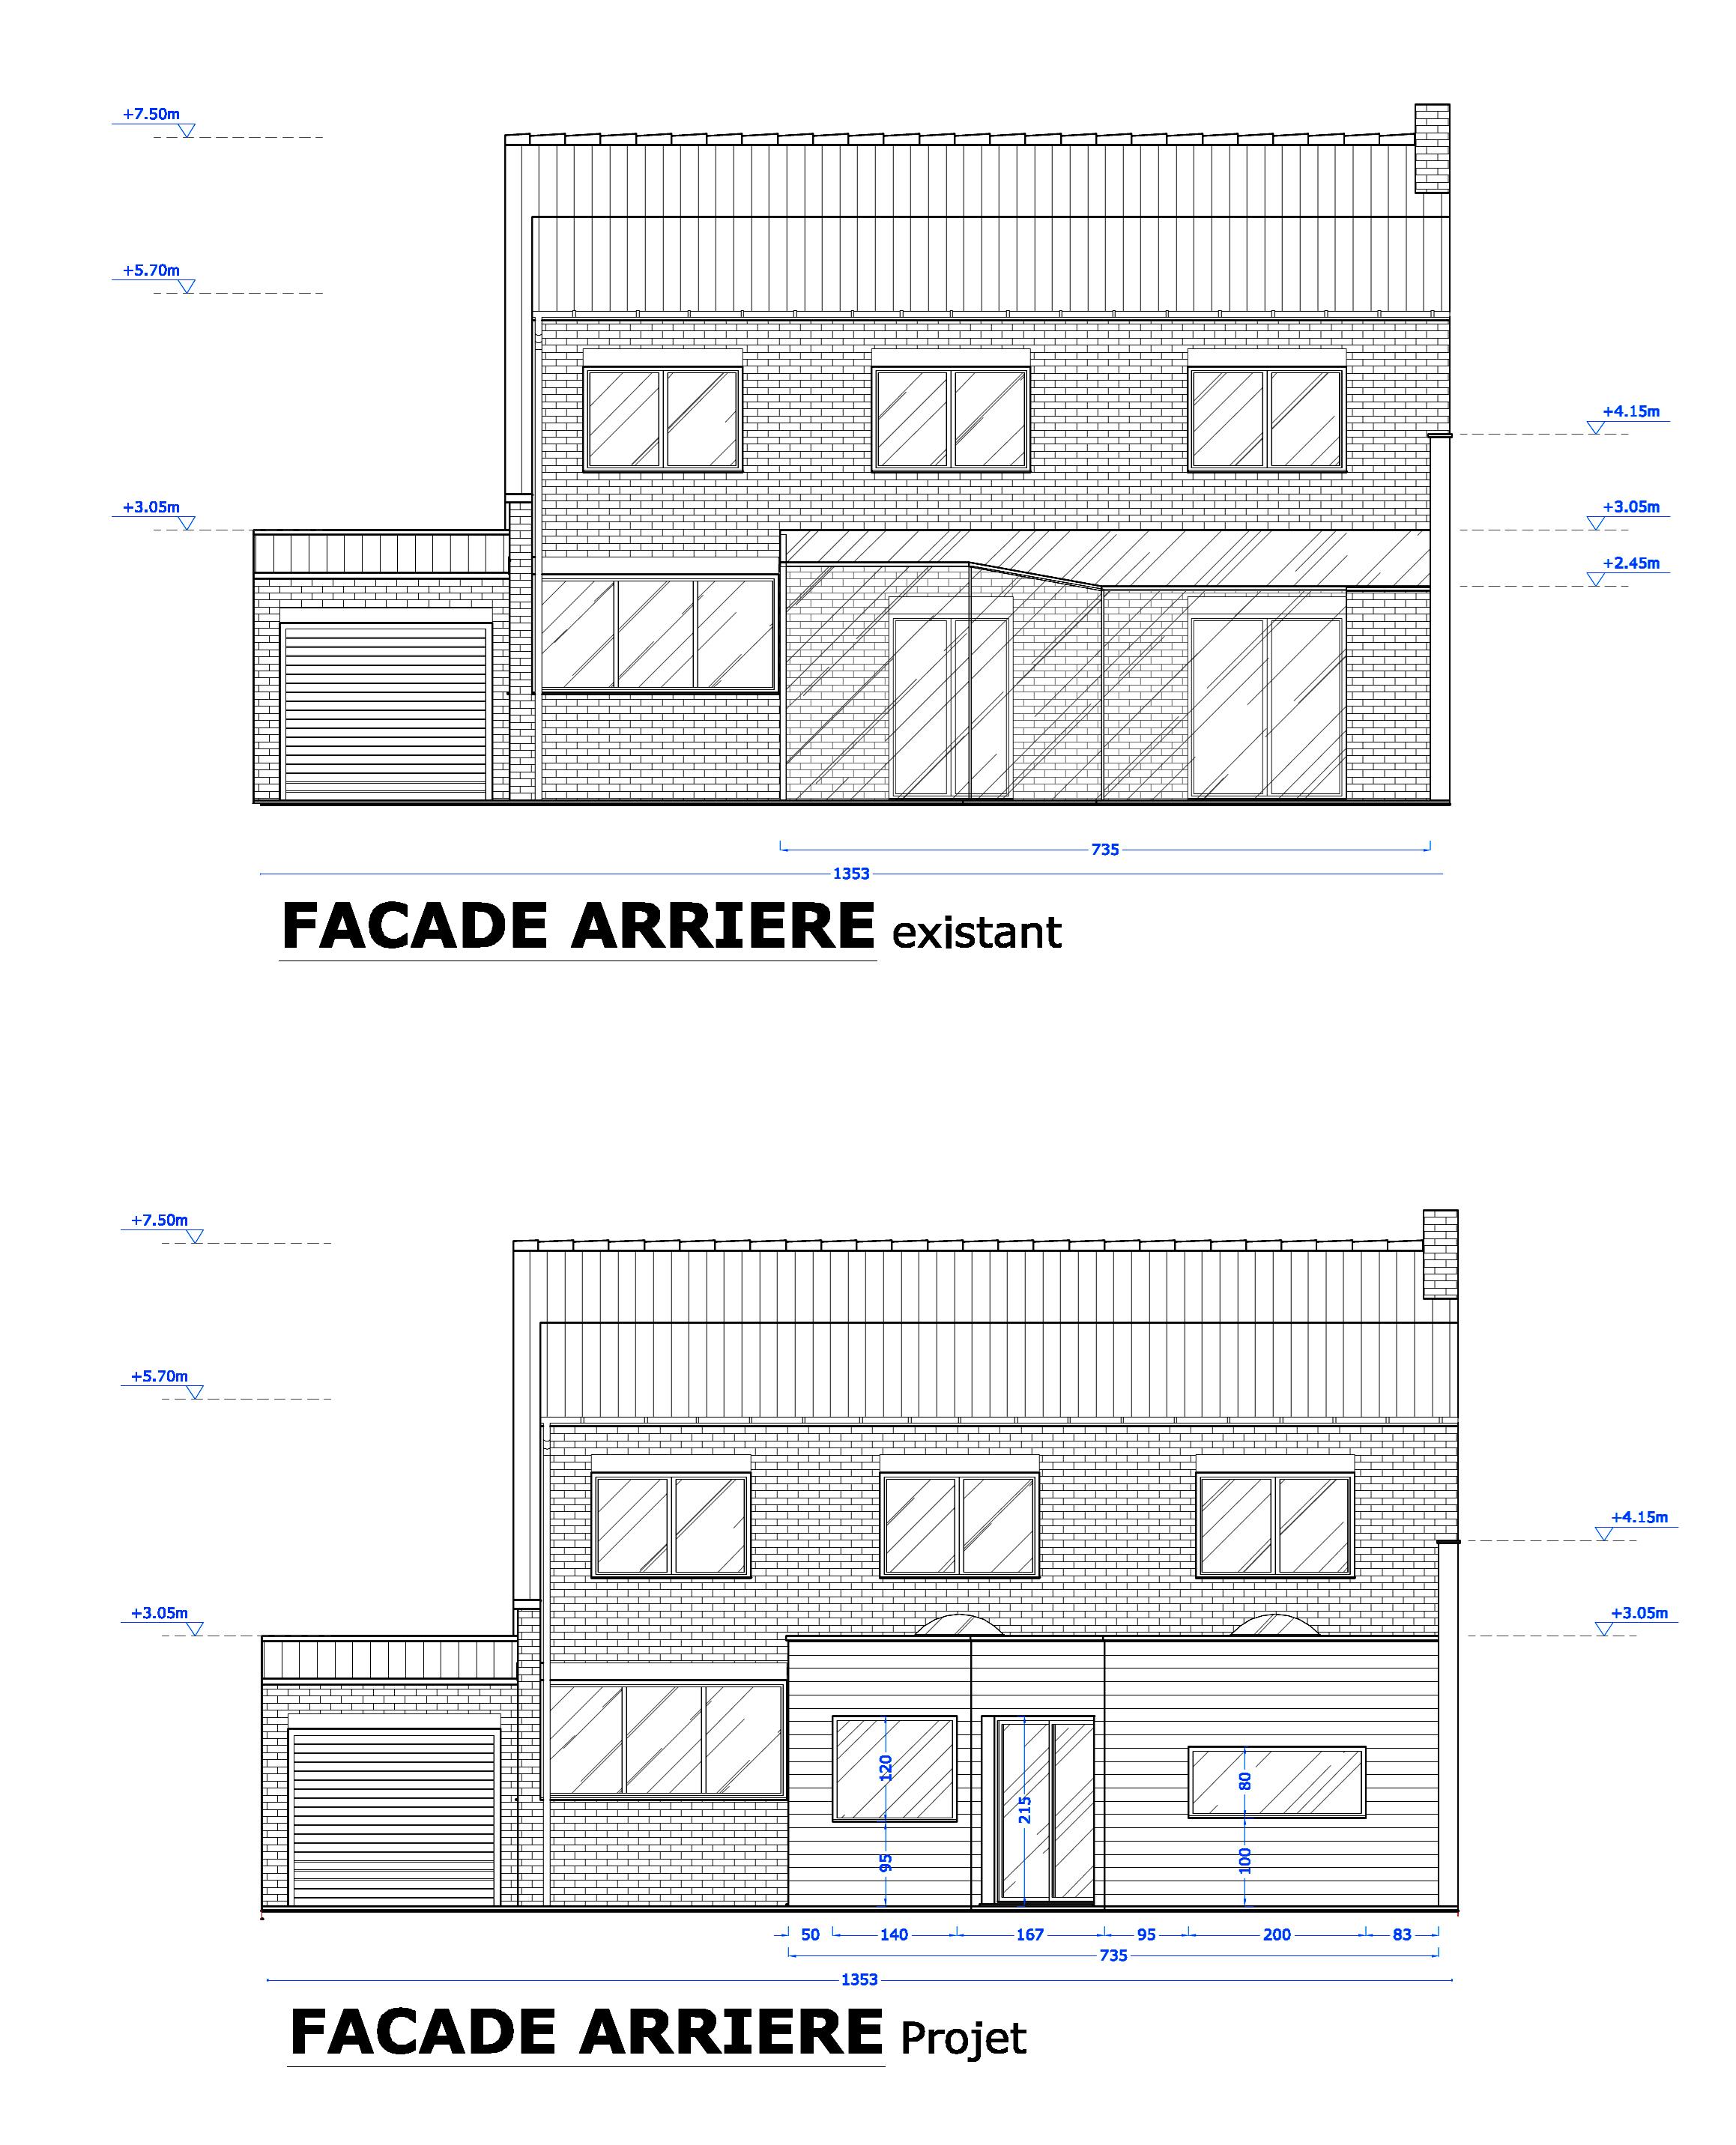 15.22 Atelier Permis de construire extension nord Herlies3